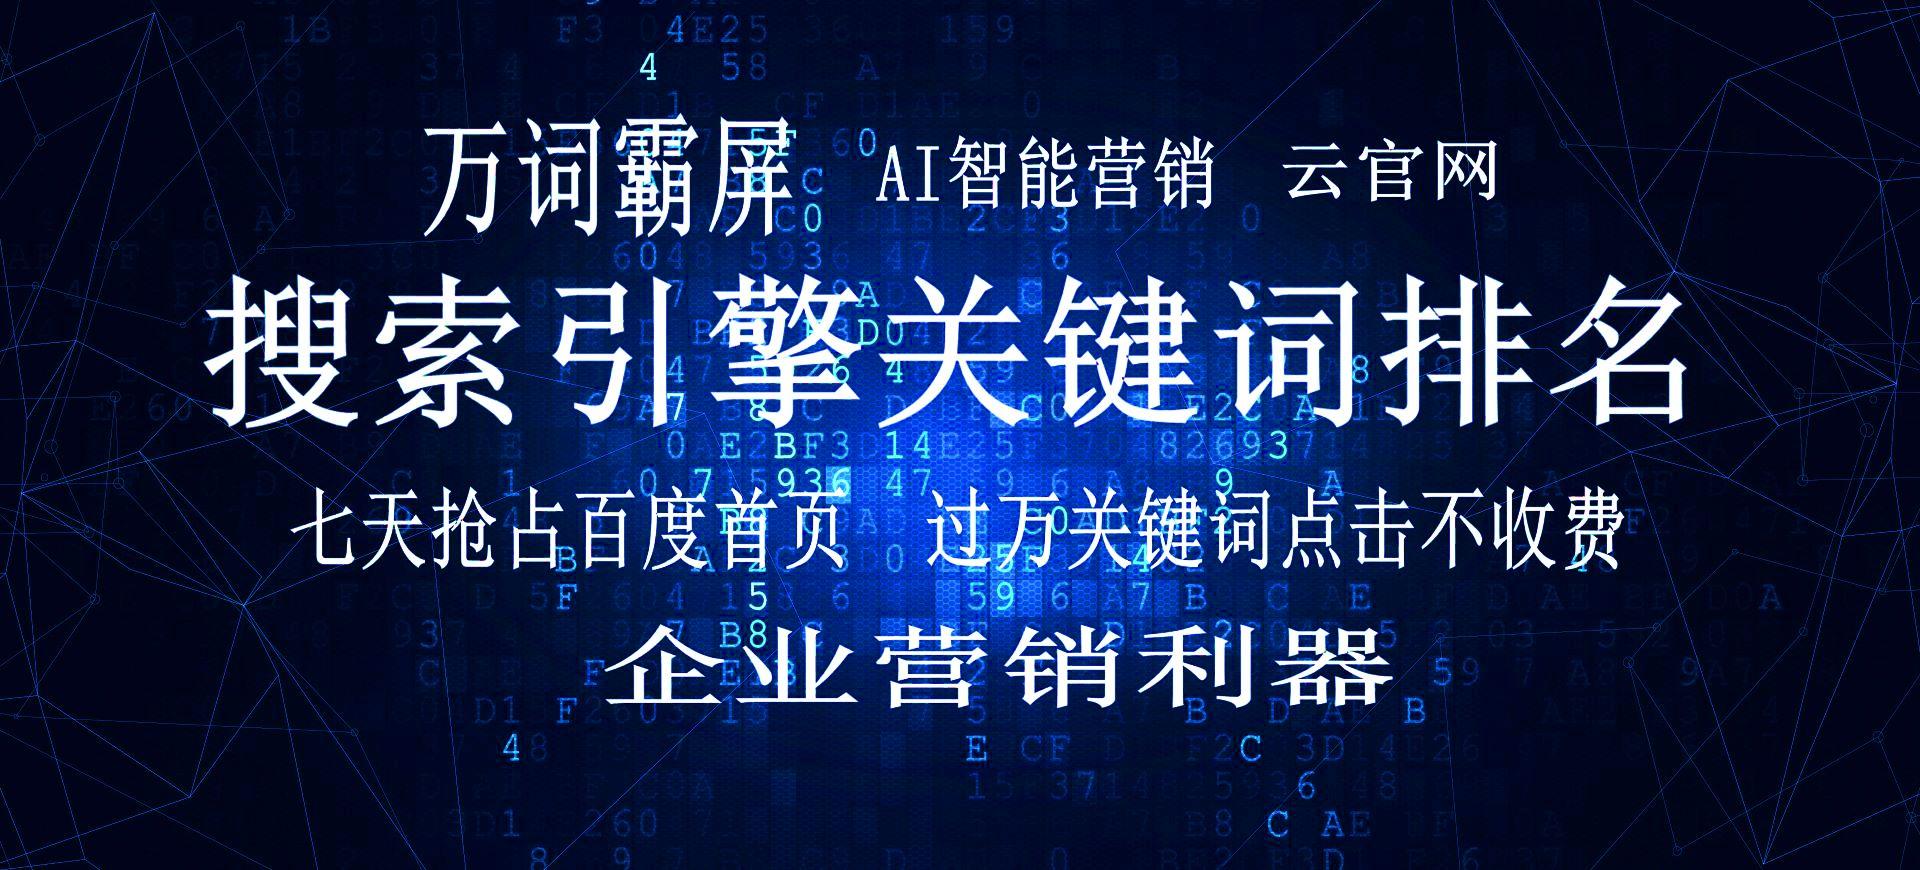 口碑好的网站建设_福建信息技术项目合作制作公司-厦门赋使科技有限公司